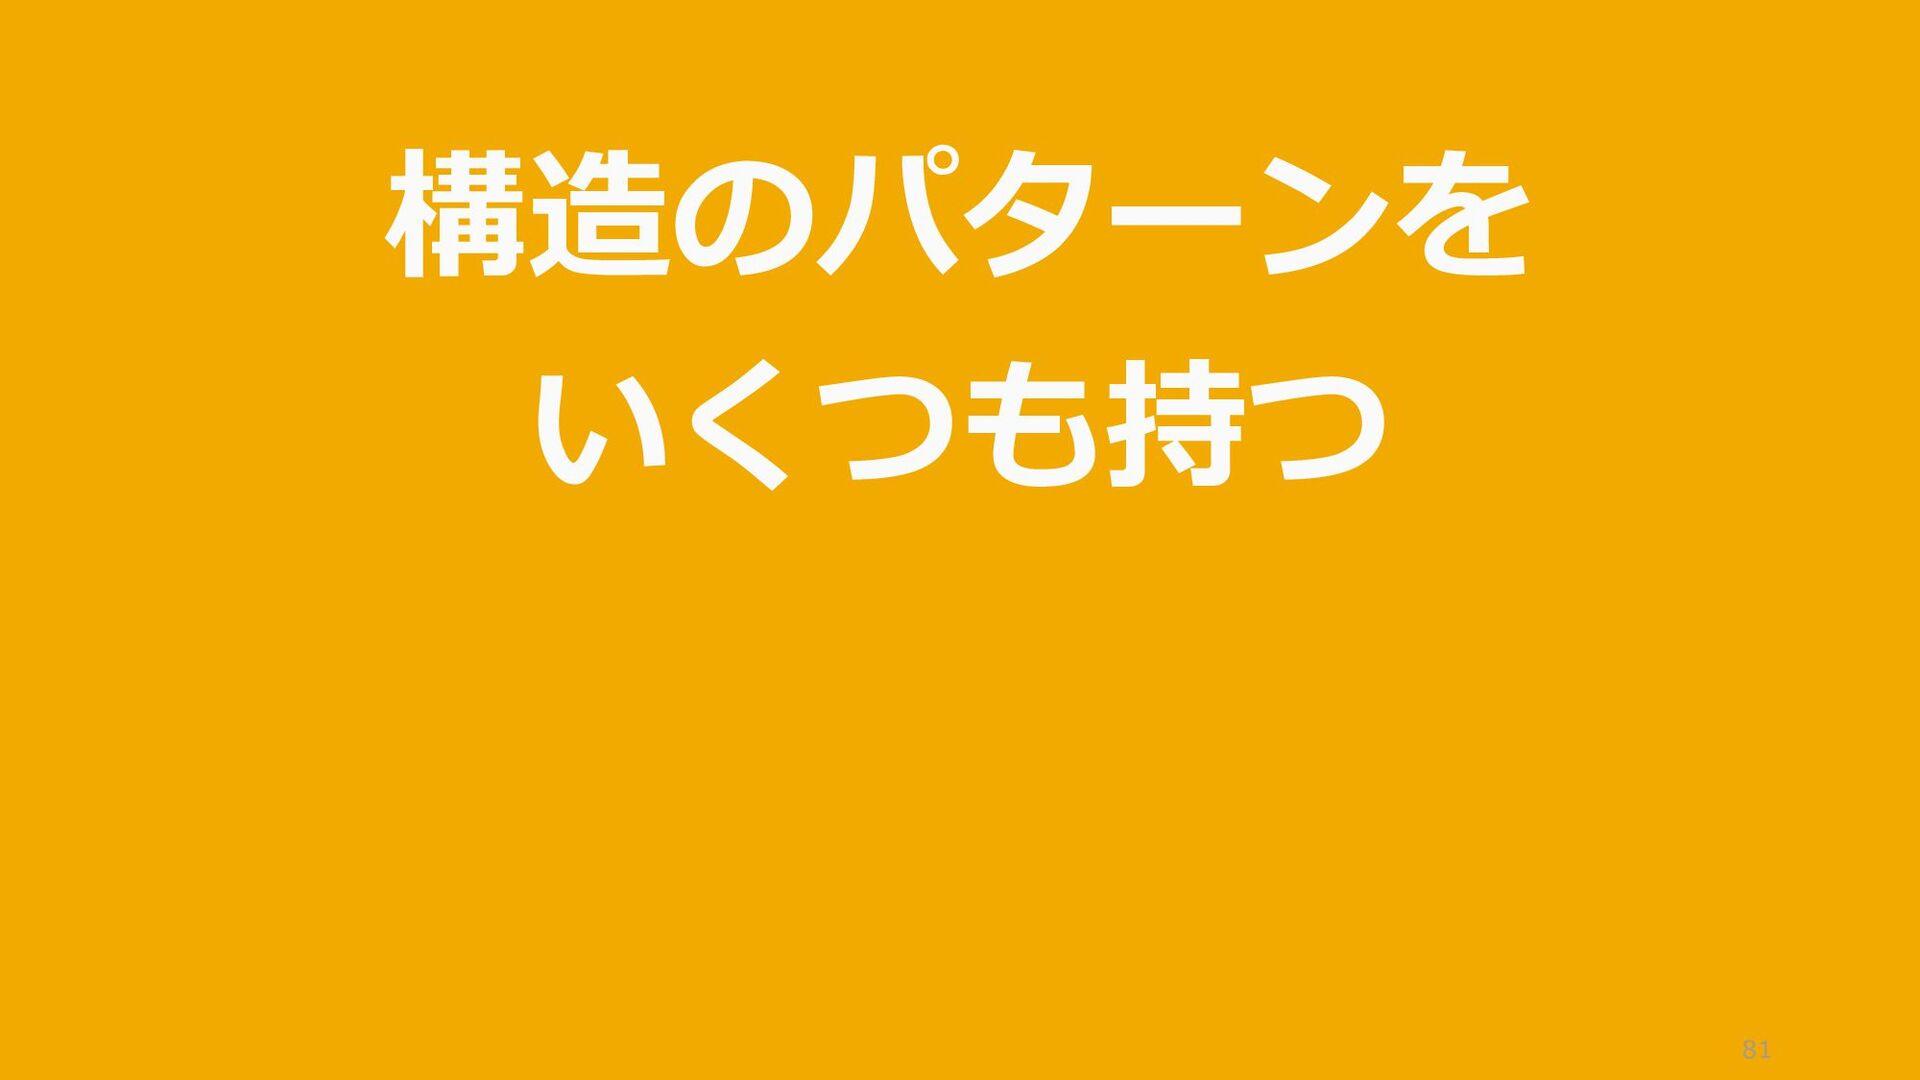 原因分析:コーザリティ分析 (Causal Analysis) 近くに知り合いがいなかったり、...